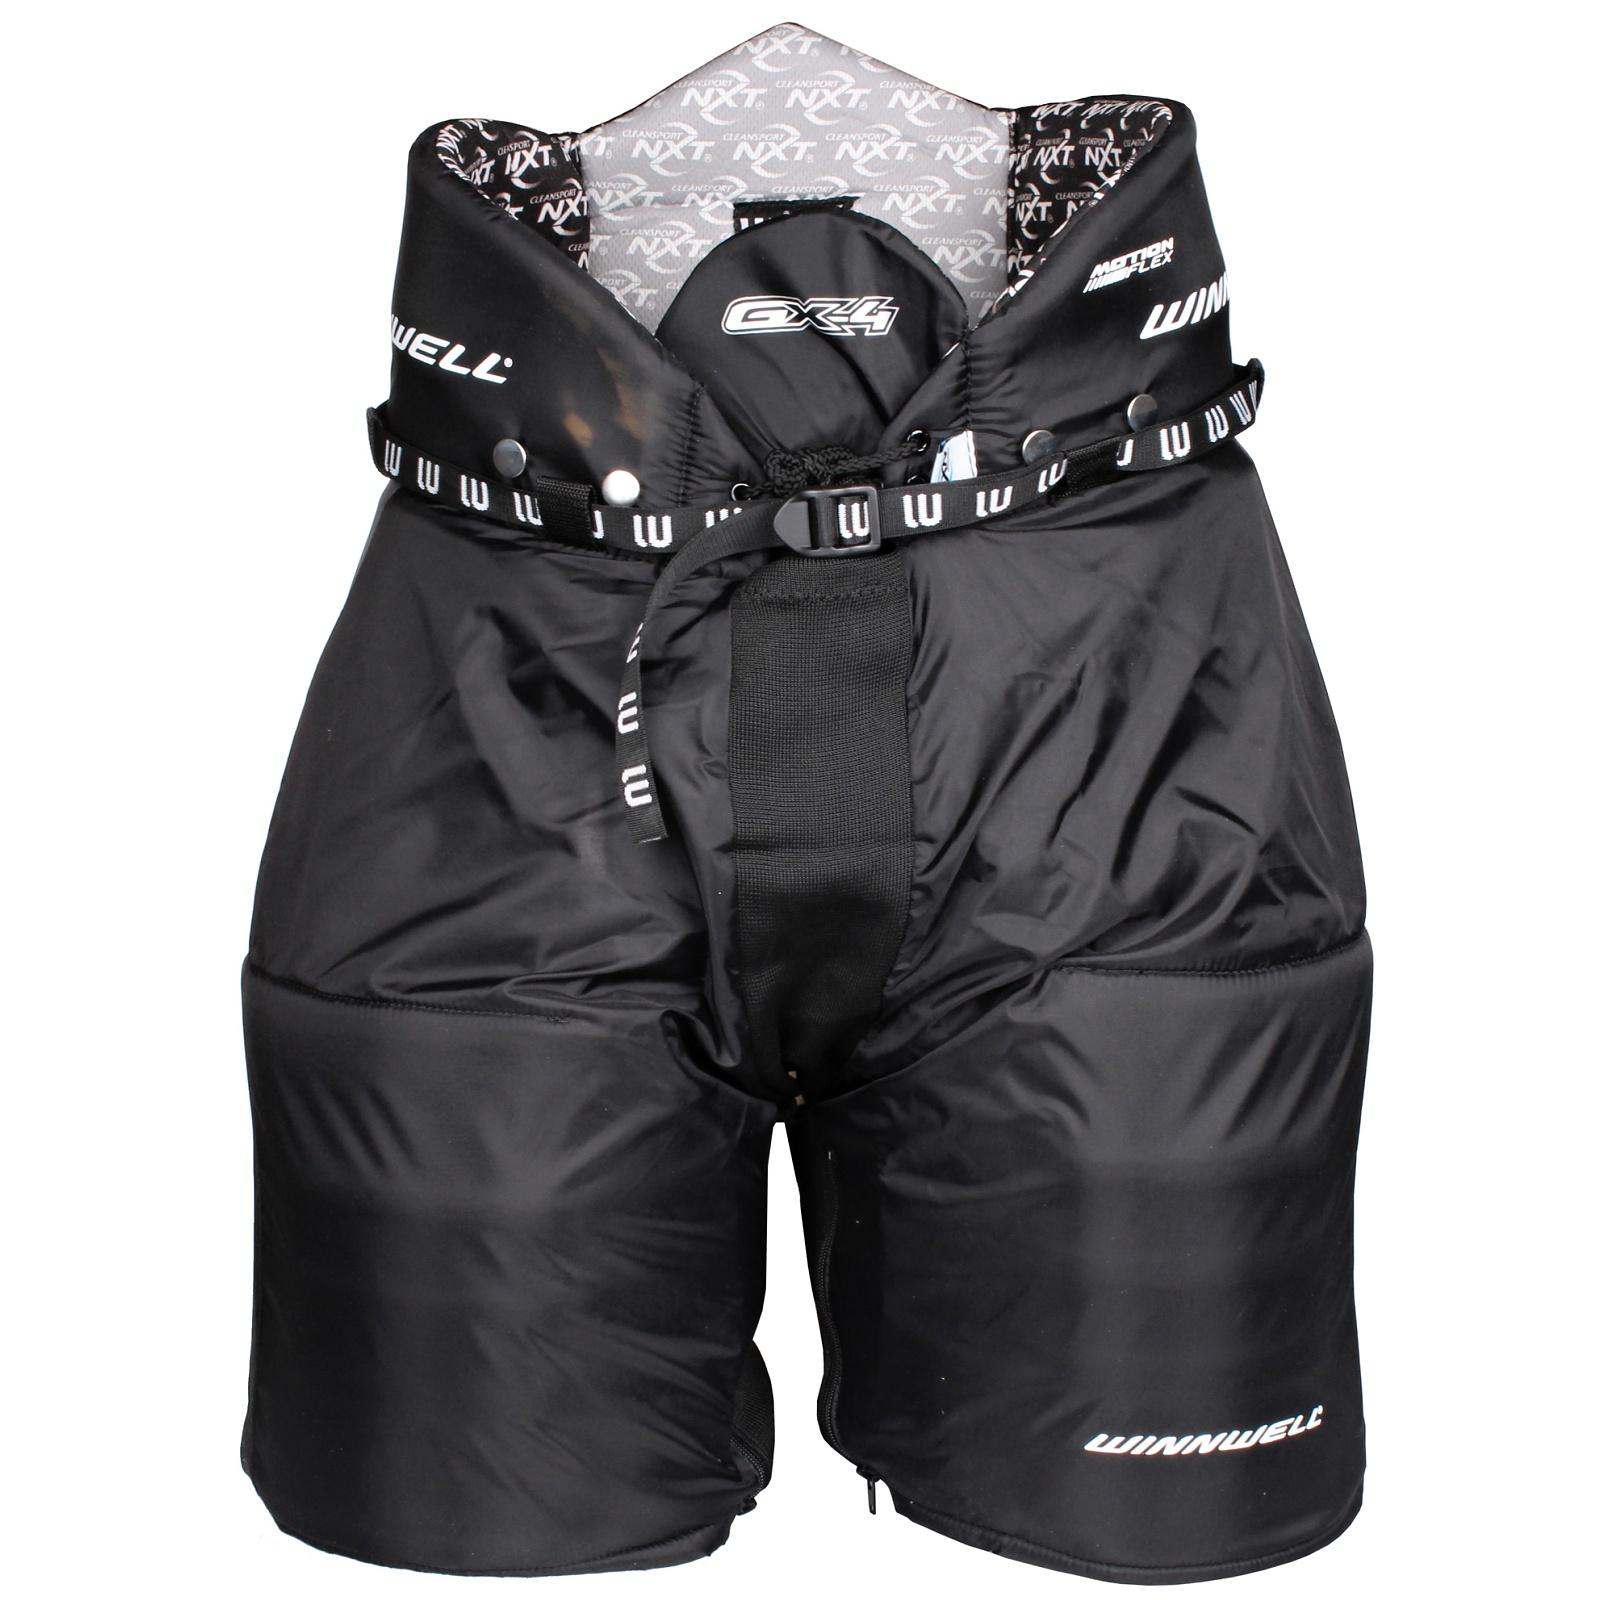 Kalhoty hráčské WINNWELL GX-4 senior černé - vel. M